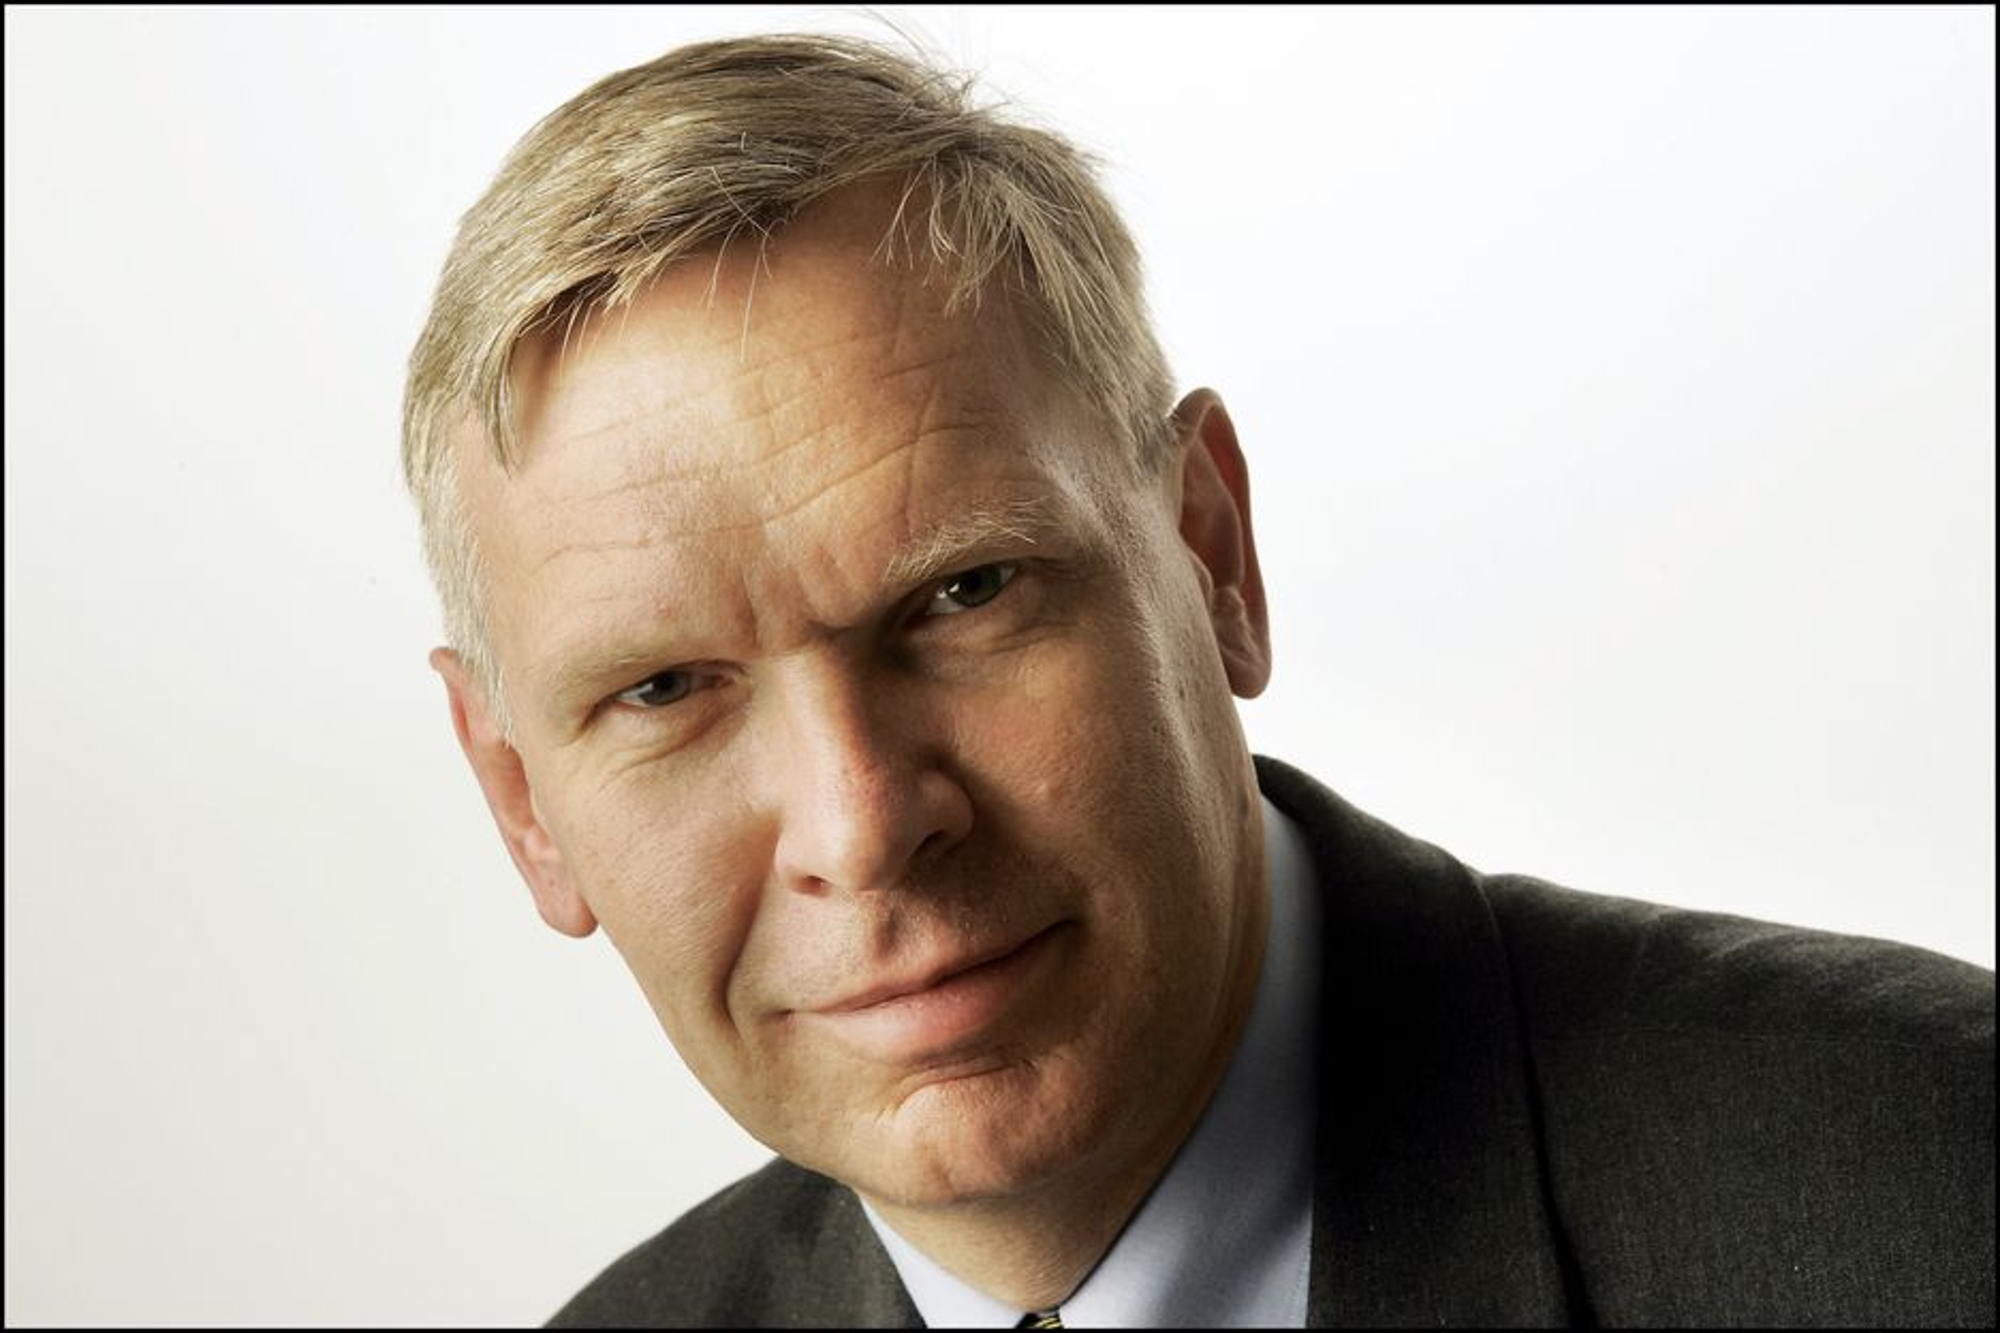 GJØR DET BRA: Jørgen Myrland i Cisco Norge opplever oppgang, men han vil ikke ut med hvor mye den norske virksomheten omsetter for.